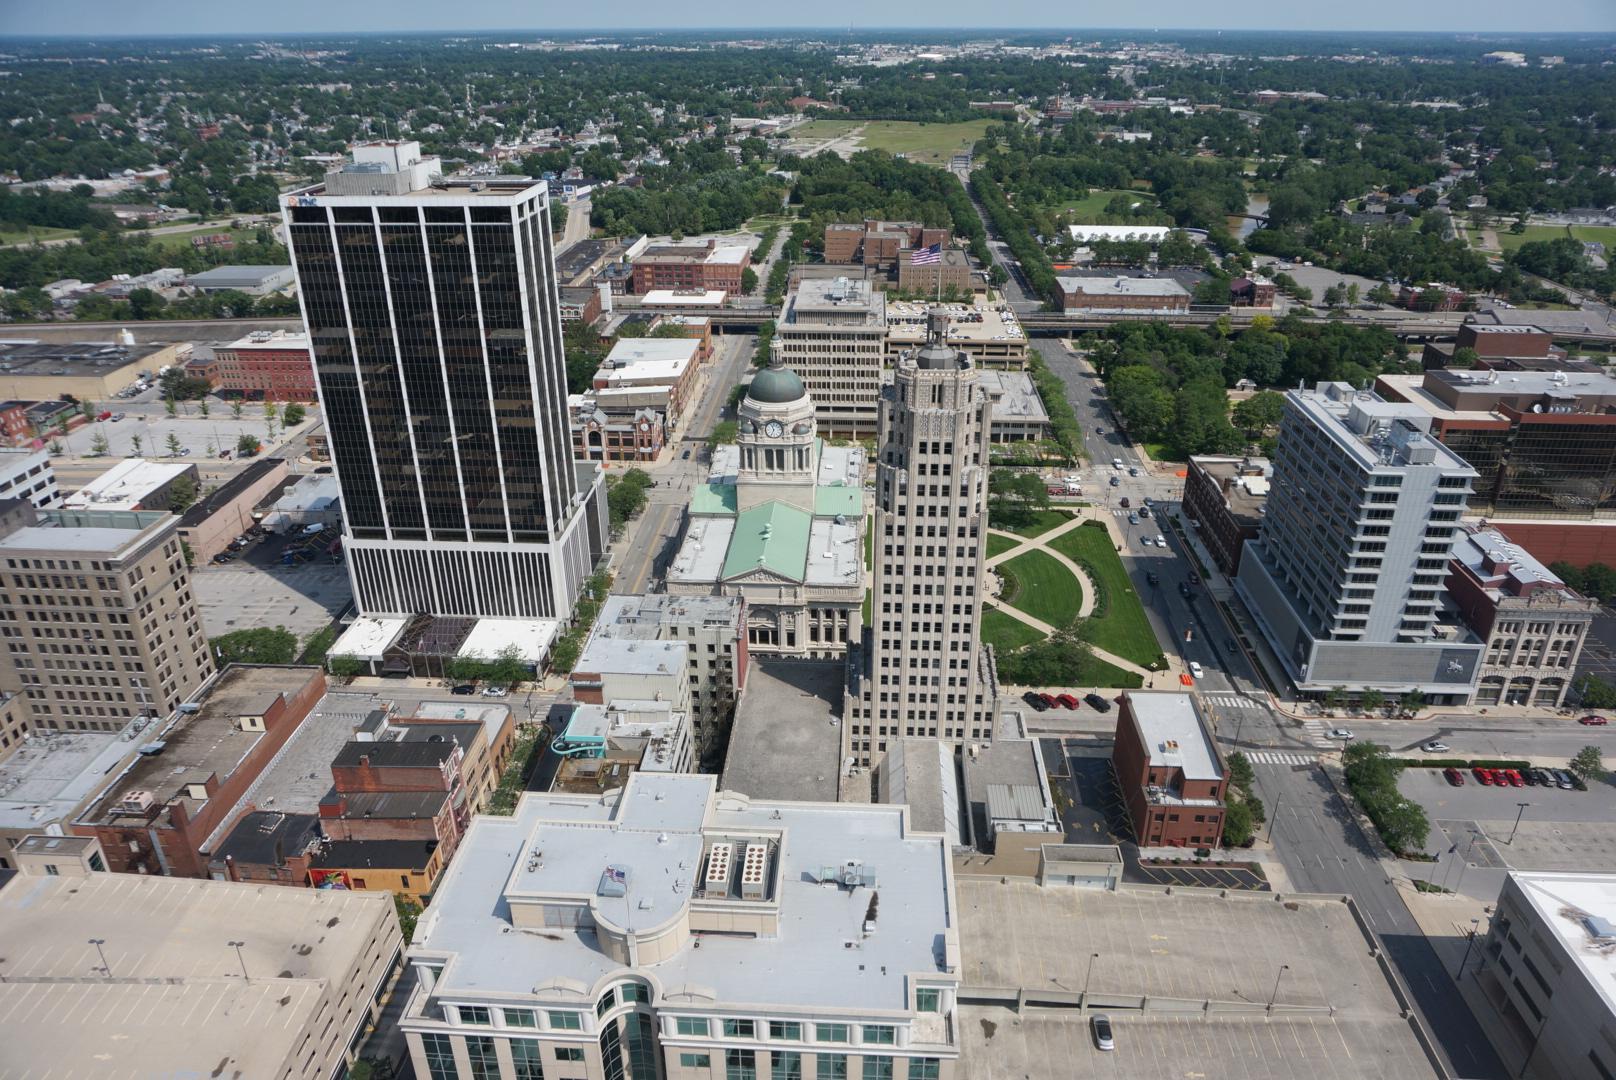 City of Fort Wayne_269709